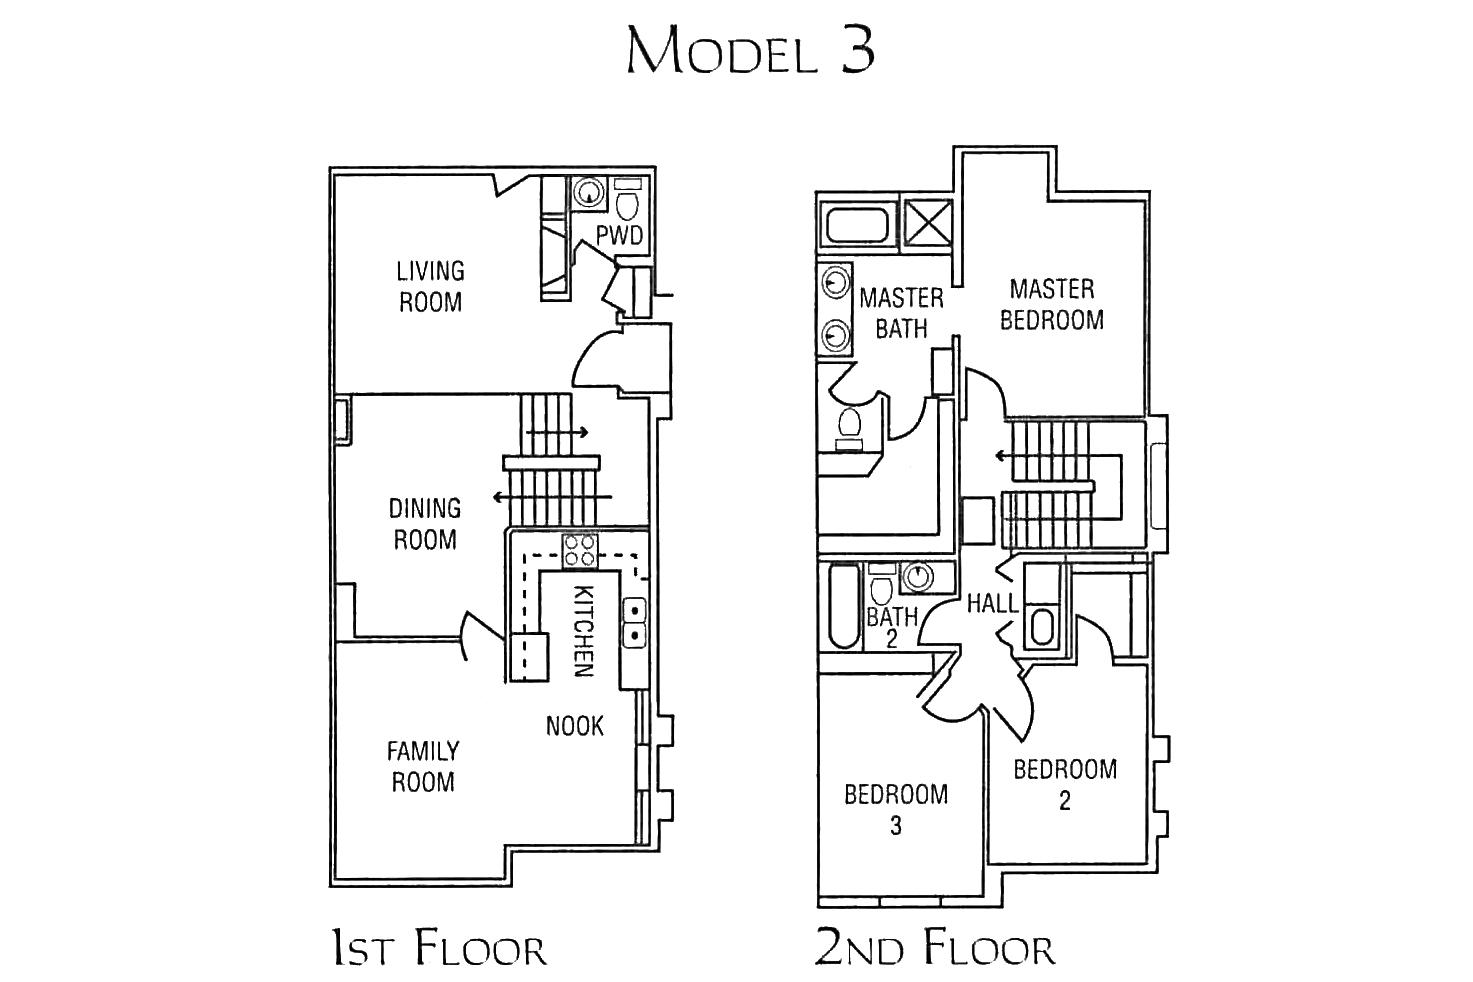 model 3 - 3 bed 2.5 bath * 1,620 SF